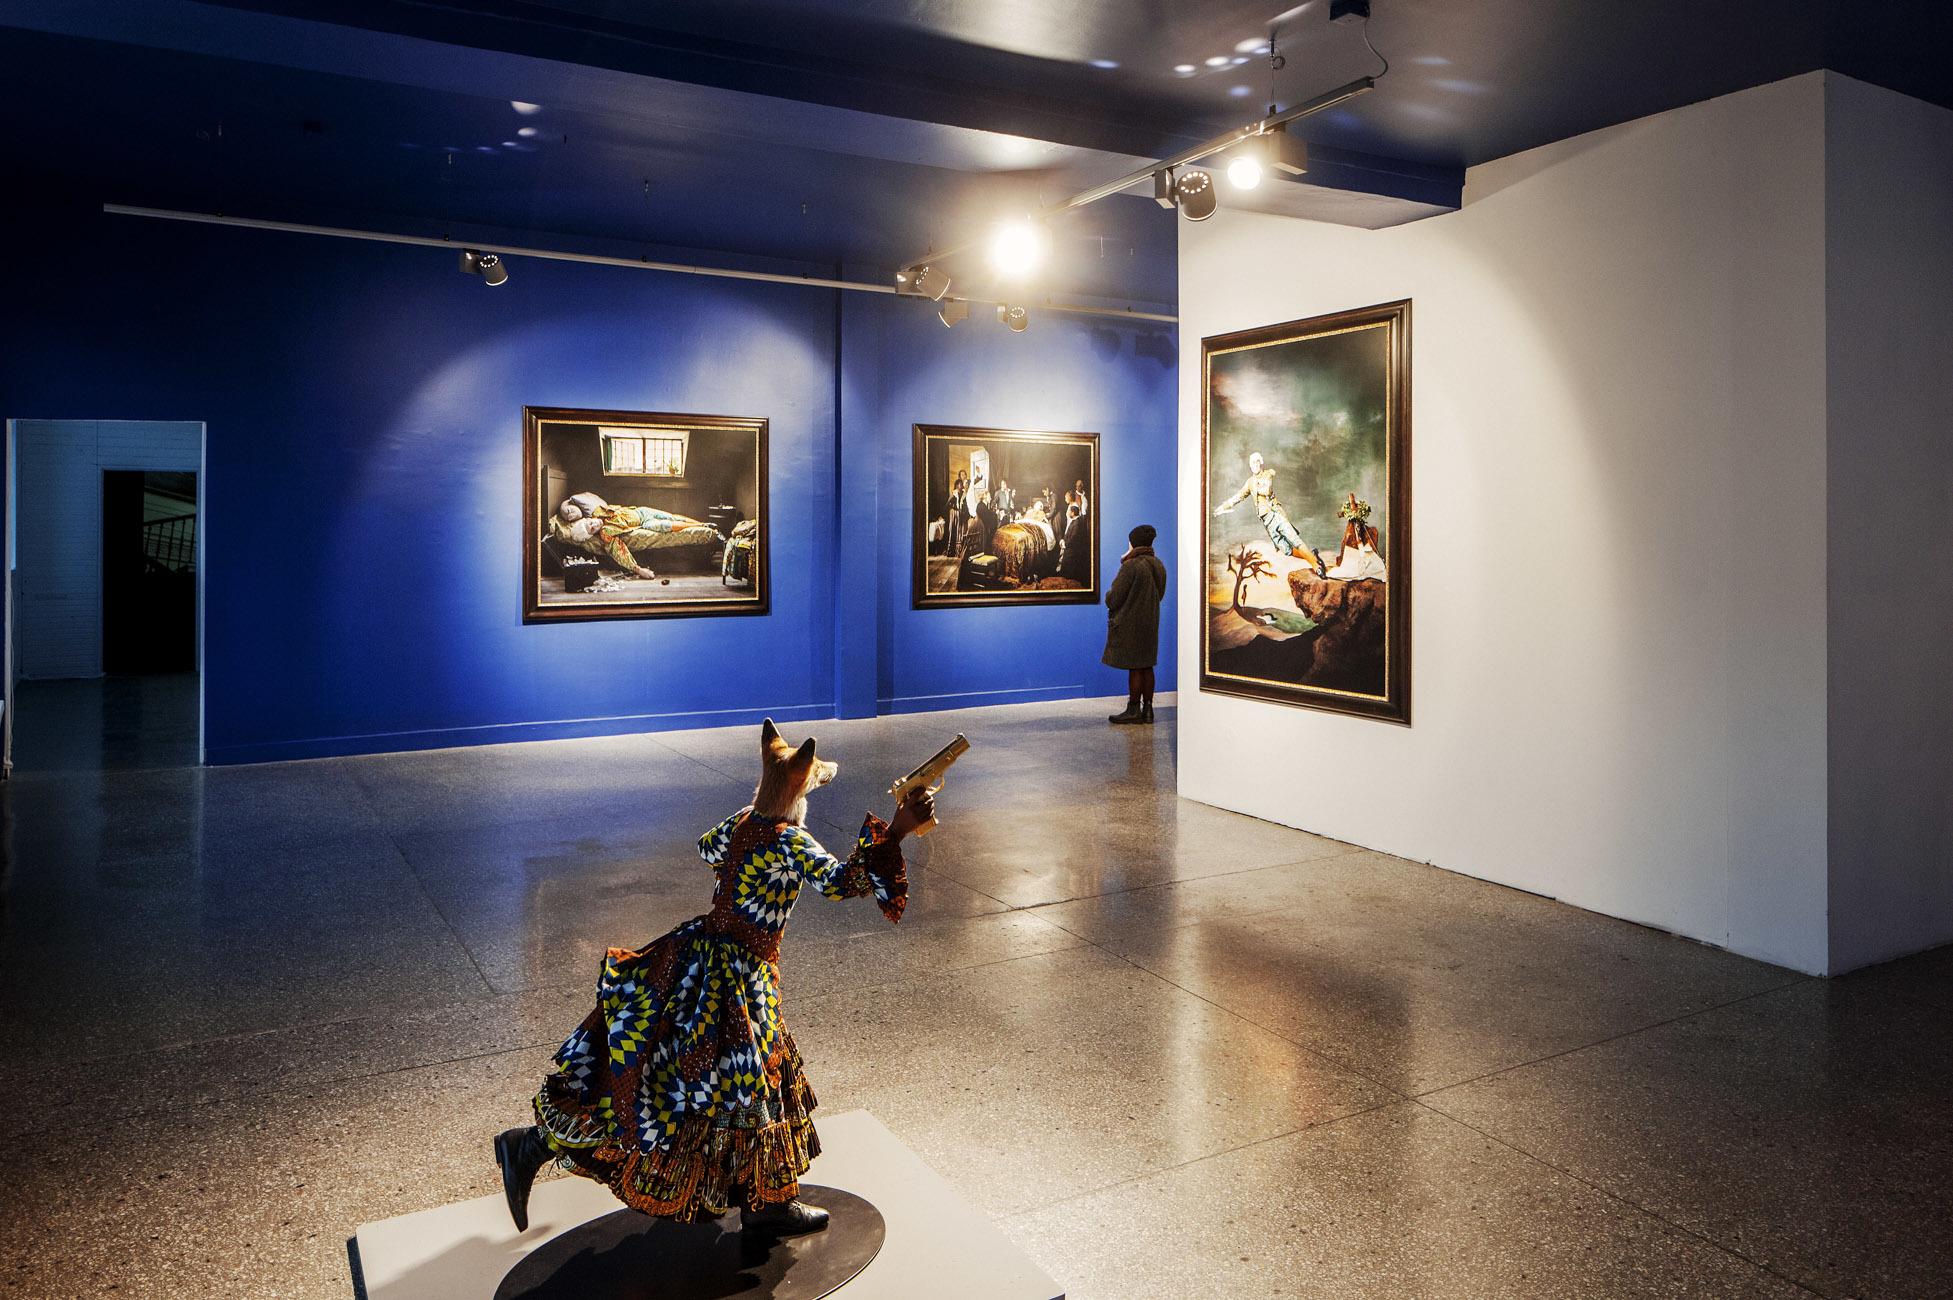 Widok wystawy Yinka Shonibare. Wybrane prace, kur. Patrycja Ryłko, materiały prasowe GGM 1